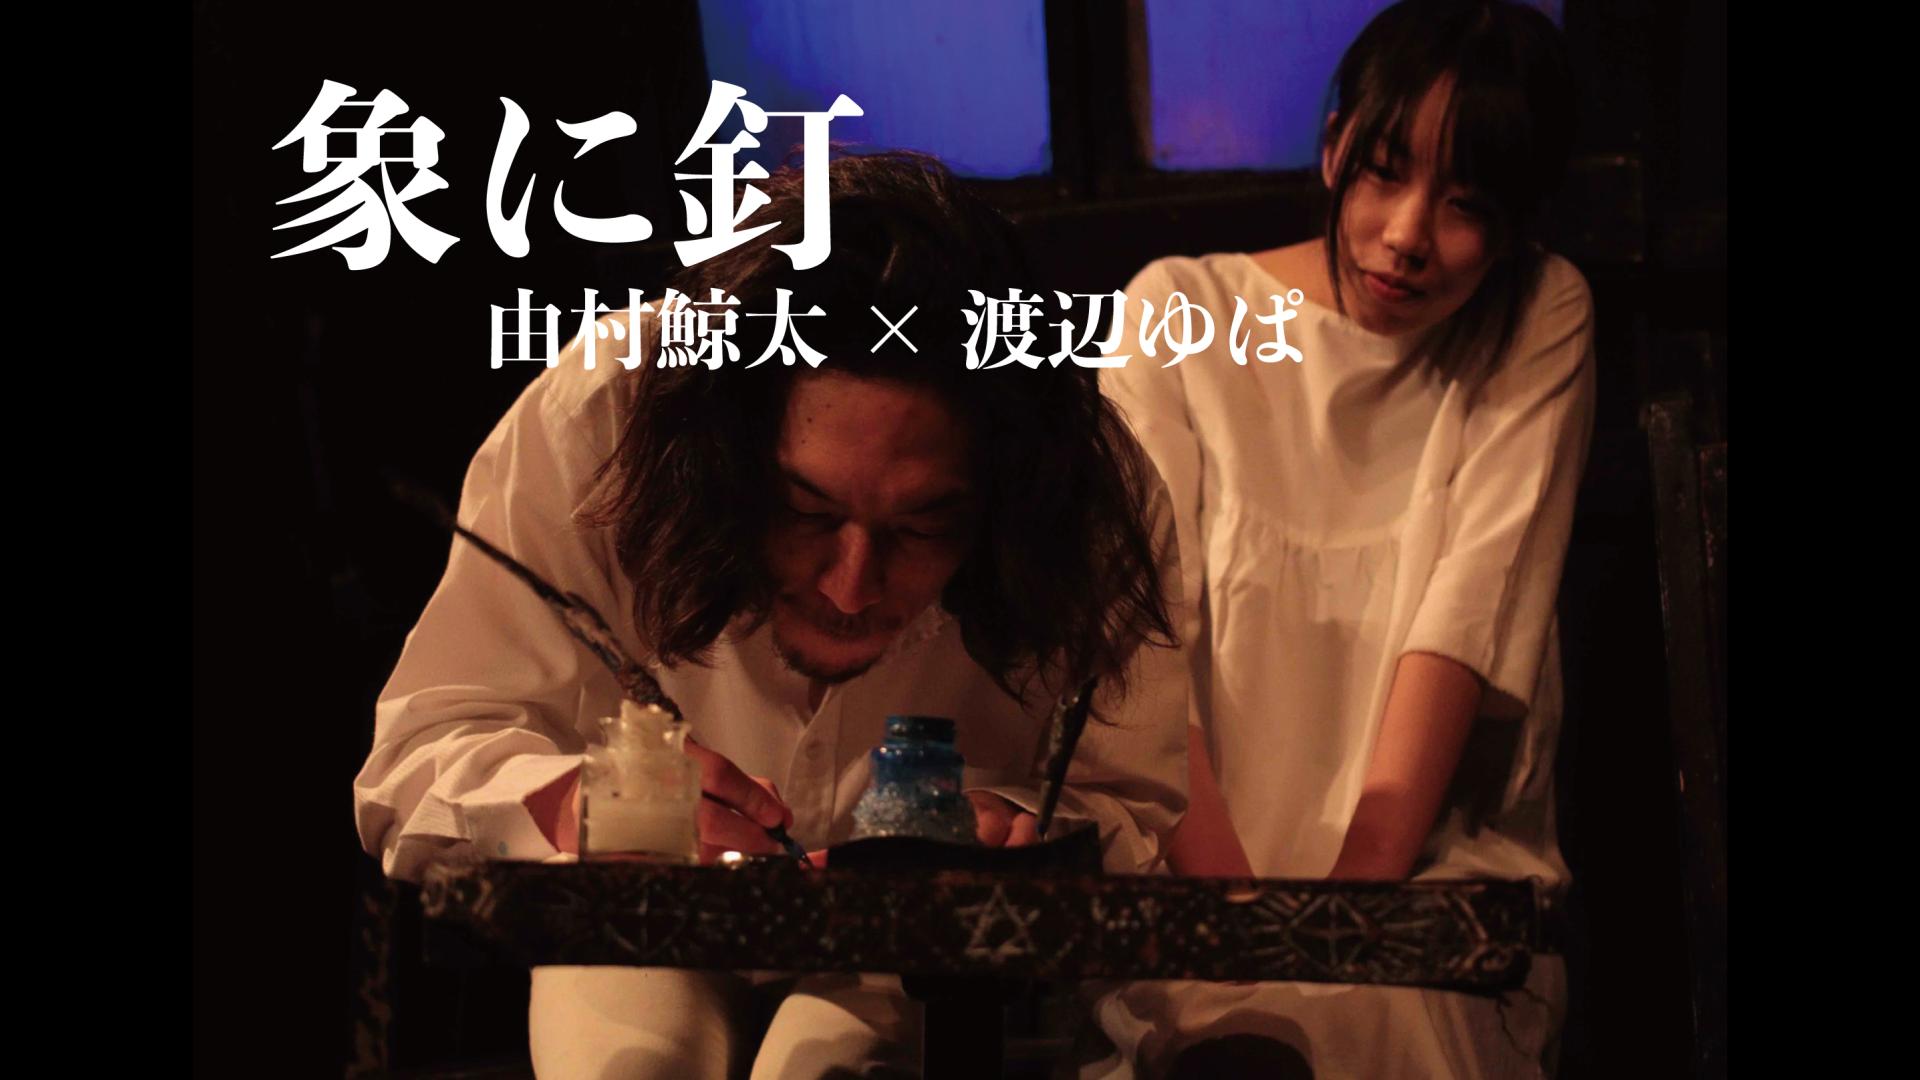 「象に釘」由村鯨太×渡辺ゆぱ ver.